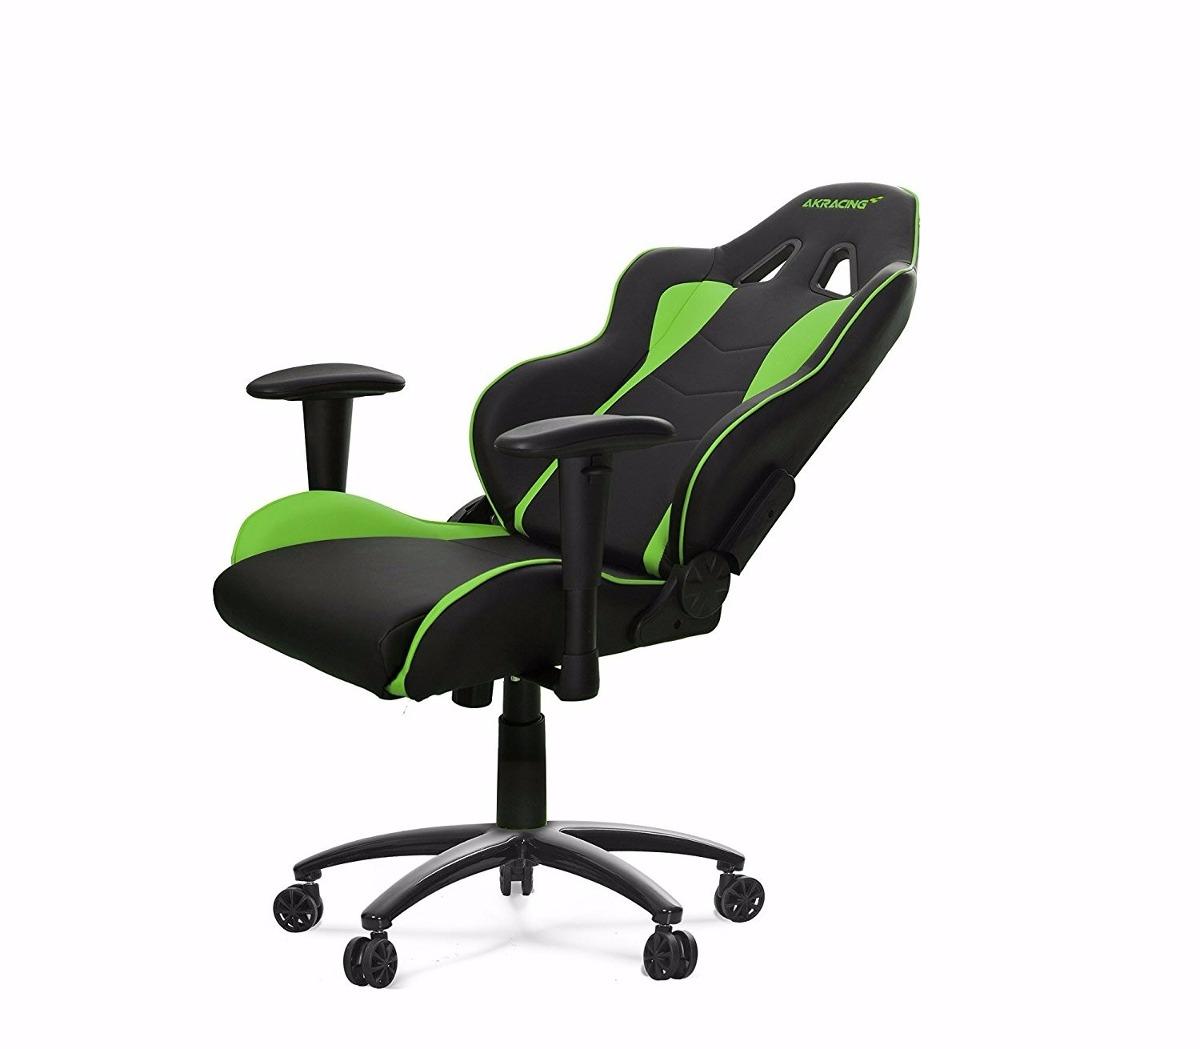 Silla giratoria oficina gamer akracing ak 5015 nitro verde for Silla de oficina racing